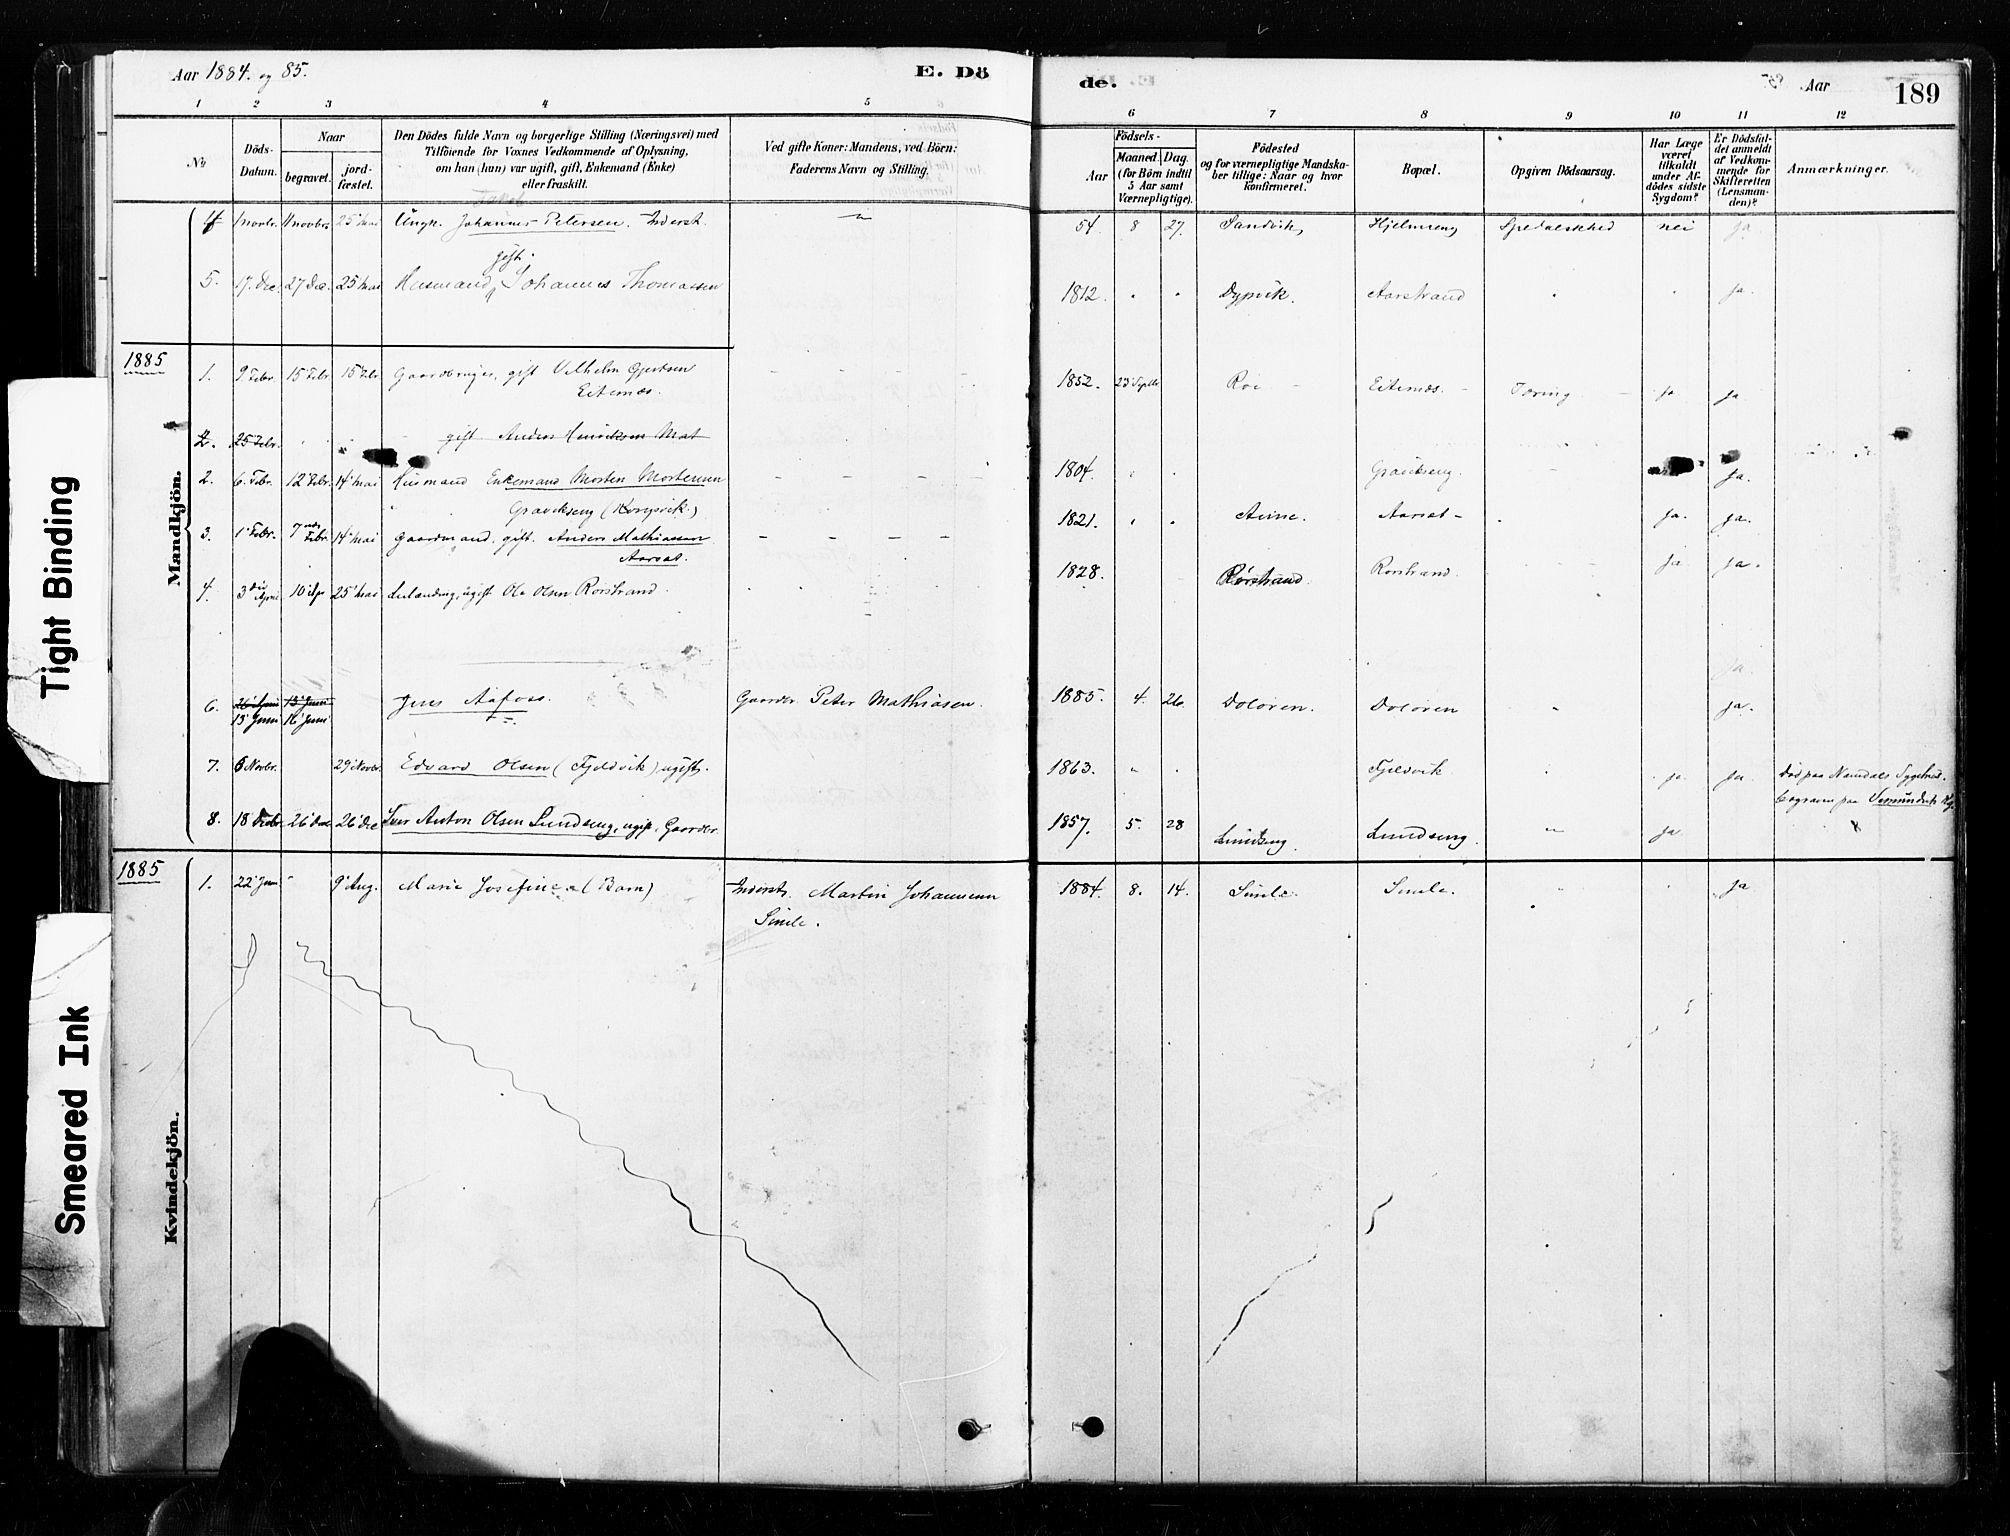 SAT, Ministerialprotokoller, klokkerbøker og fødselsregistre - Nord-Trøndelag, 789/L0705: Ministerialbok nr. 789A01, 1878-1910, s. 189